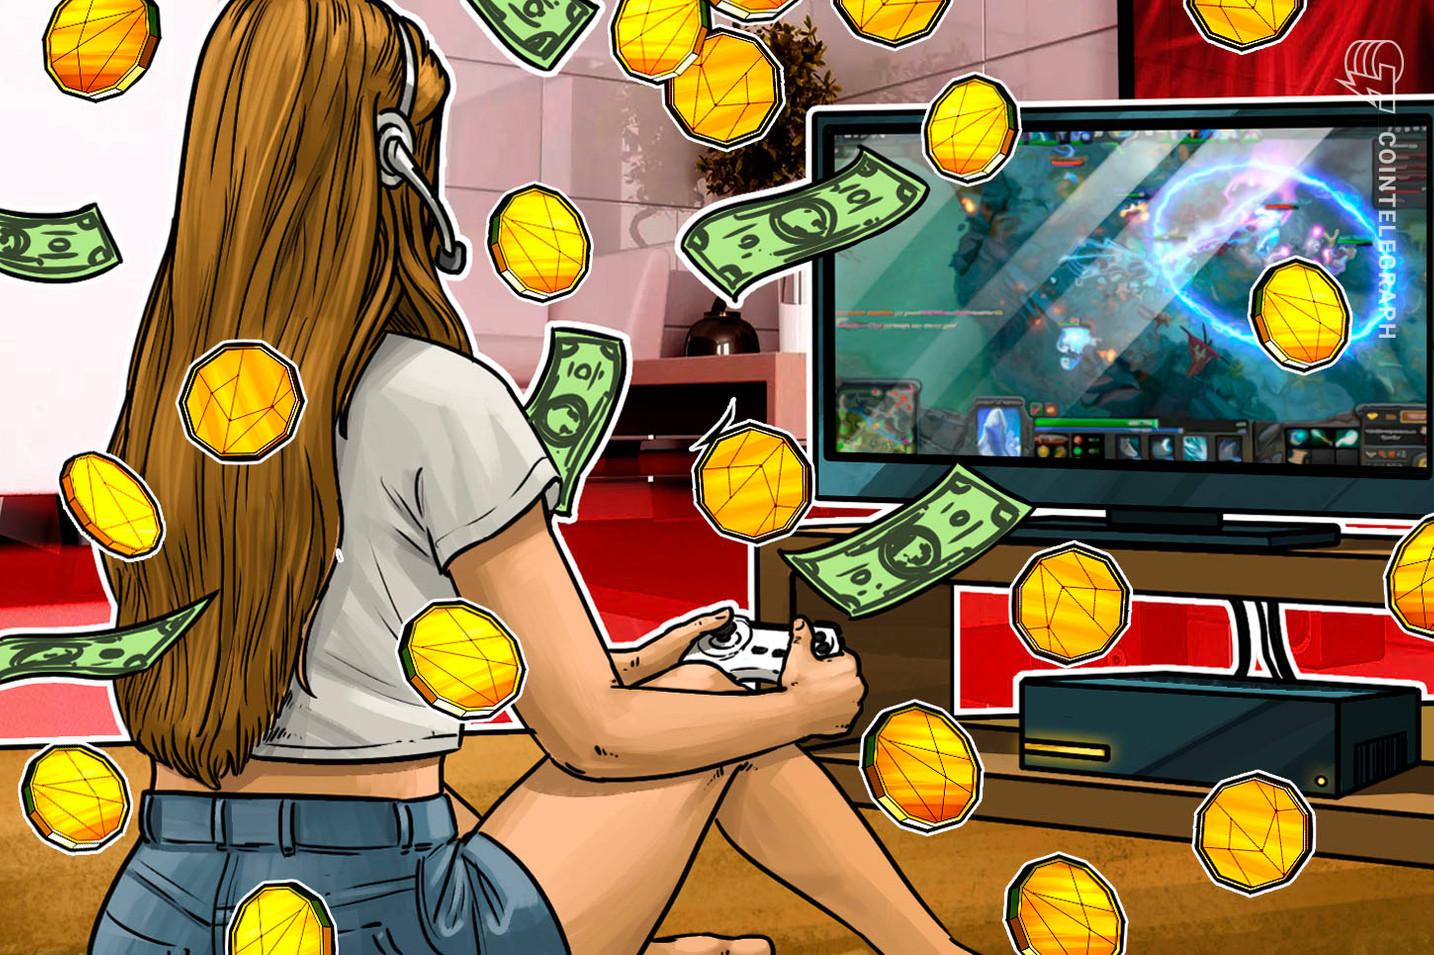 米規制当局「ゲーム用トークンは証券にあたらず」、米仮想通貨ゲーム企業に登録なしでの発行を許可